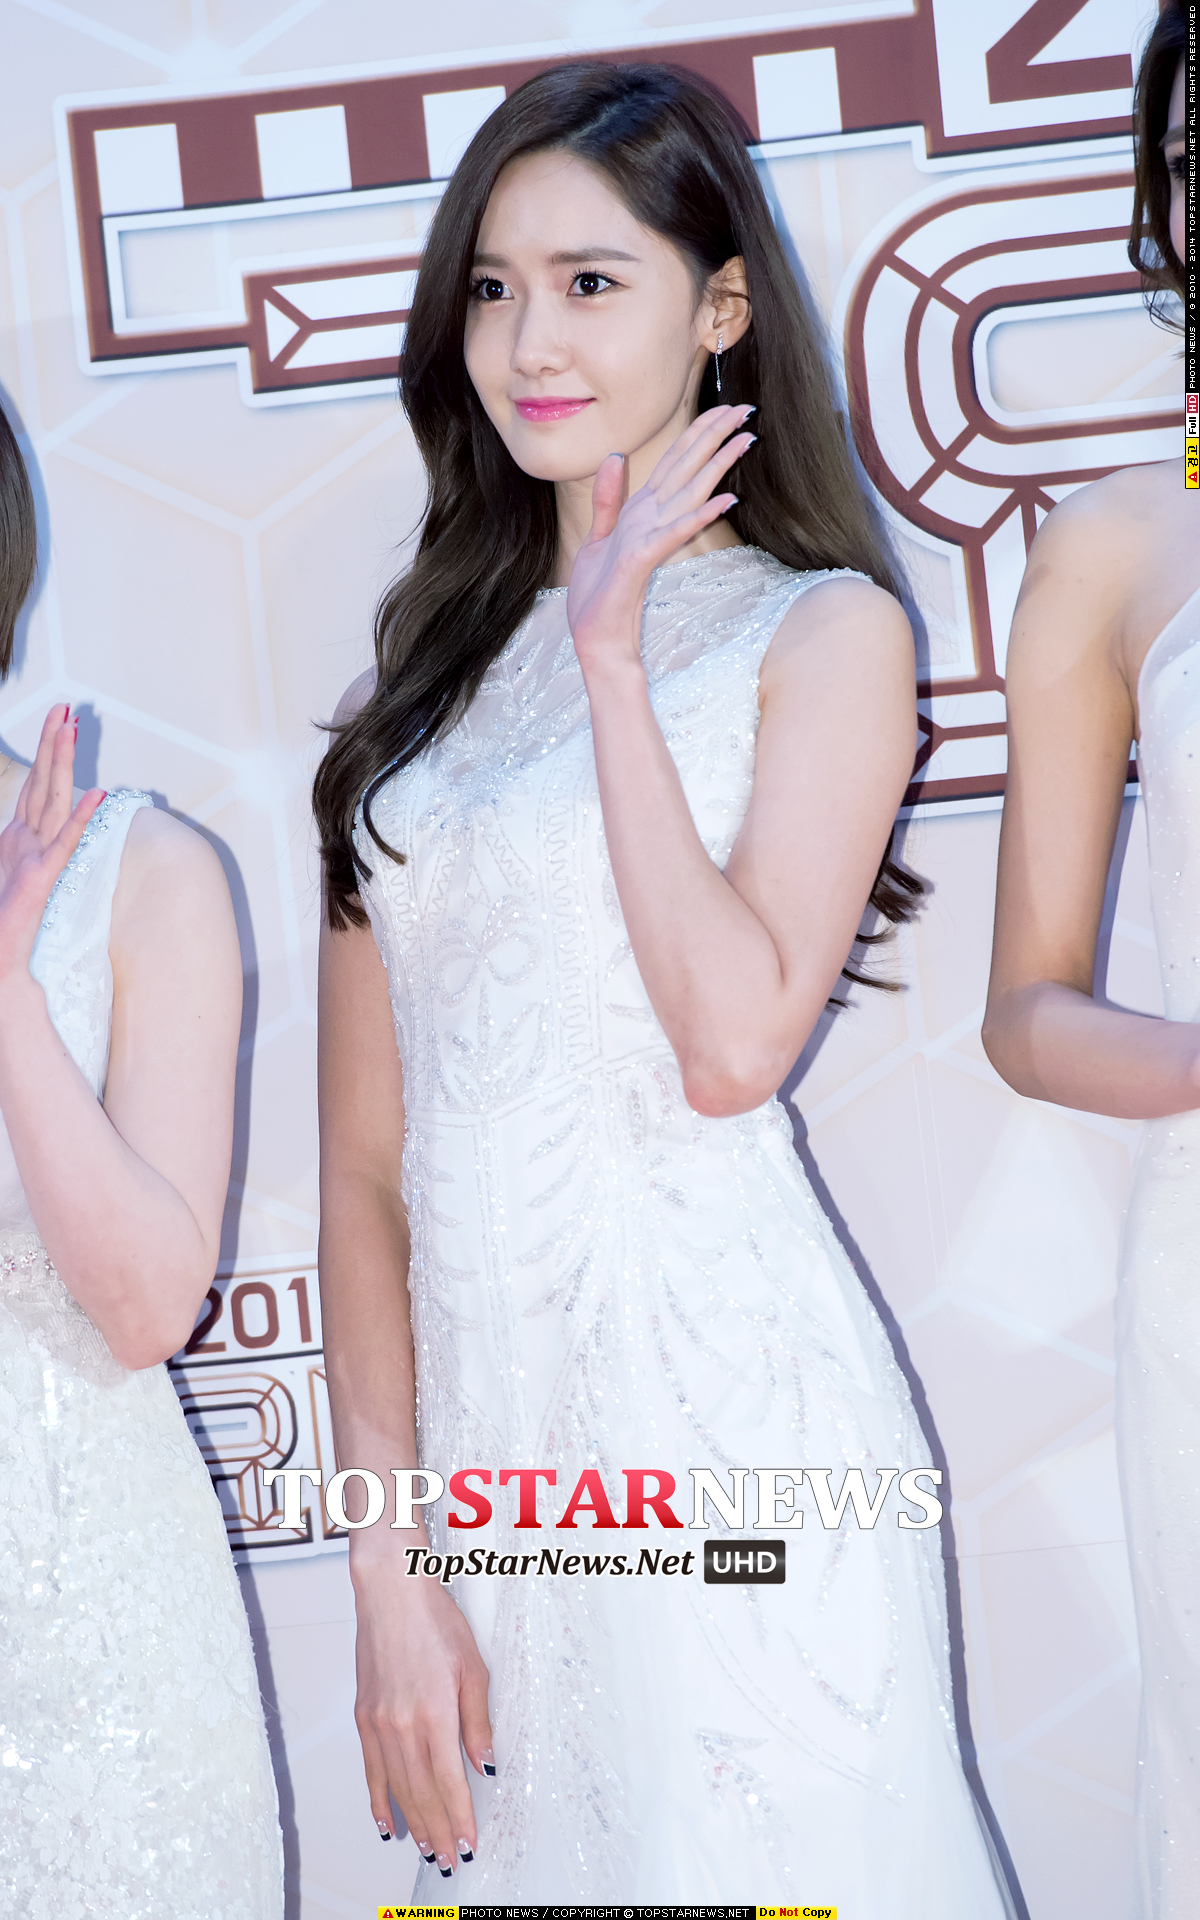 ♥ 少女時代 潤娥  「閃閃發亮就是潤娥的代名詞。」、「就像是會自體發光一樣的美麗。」